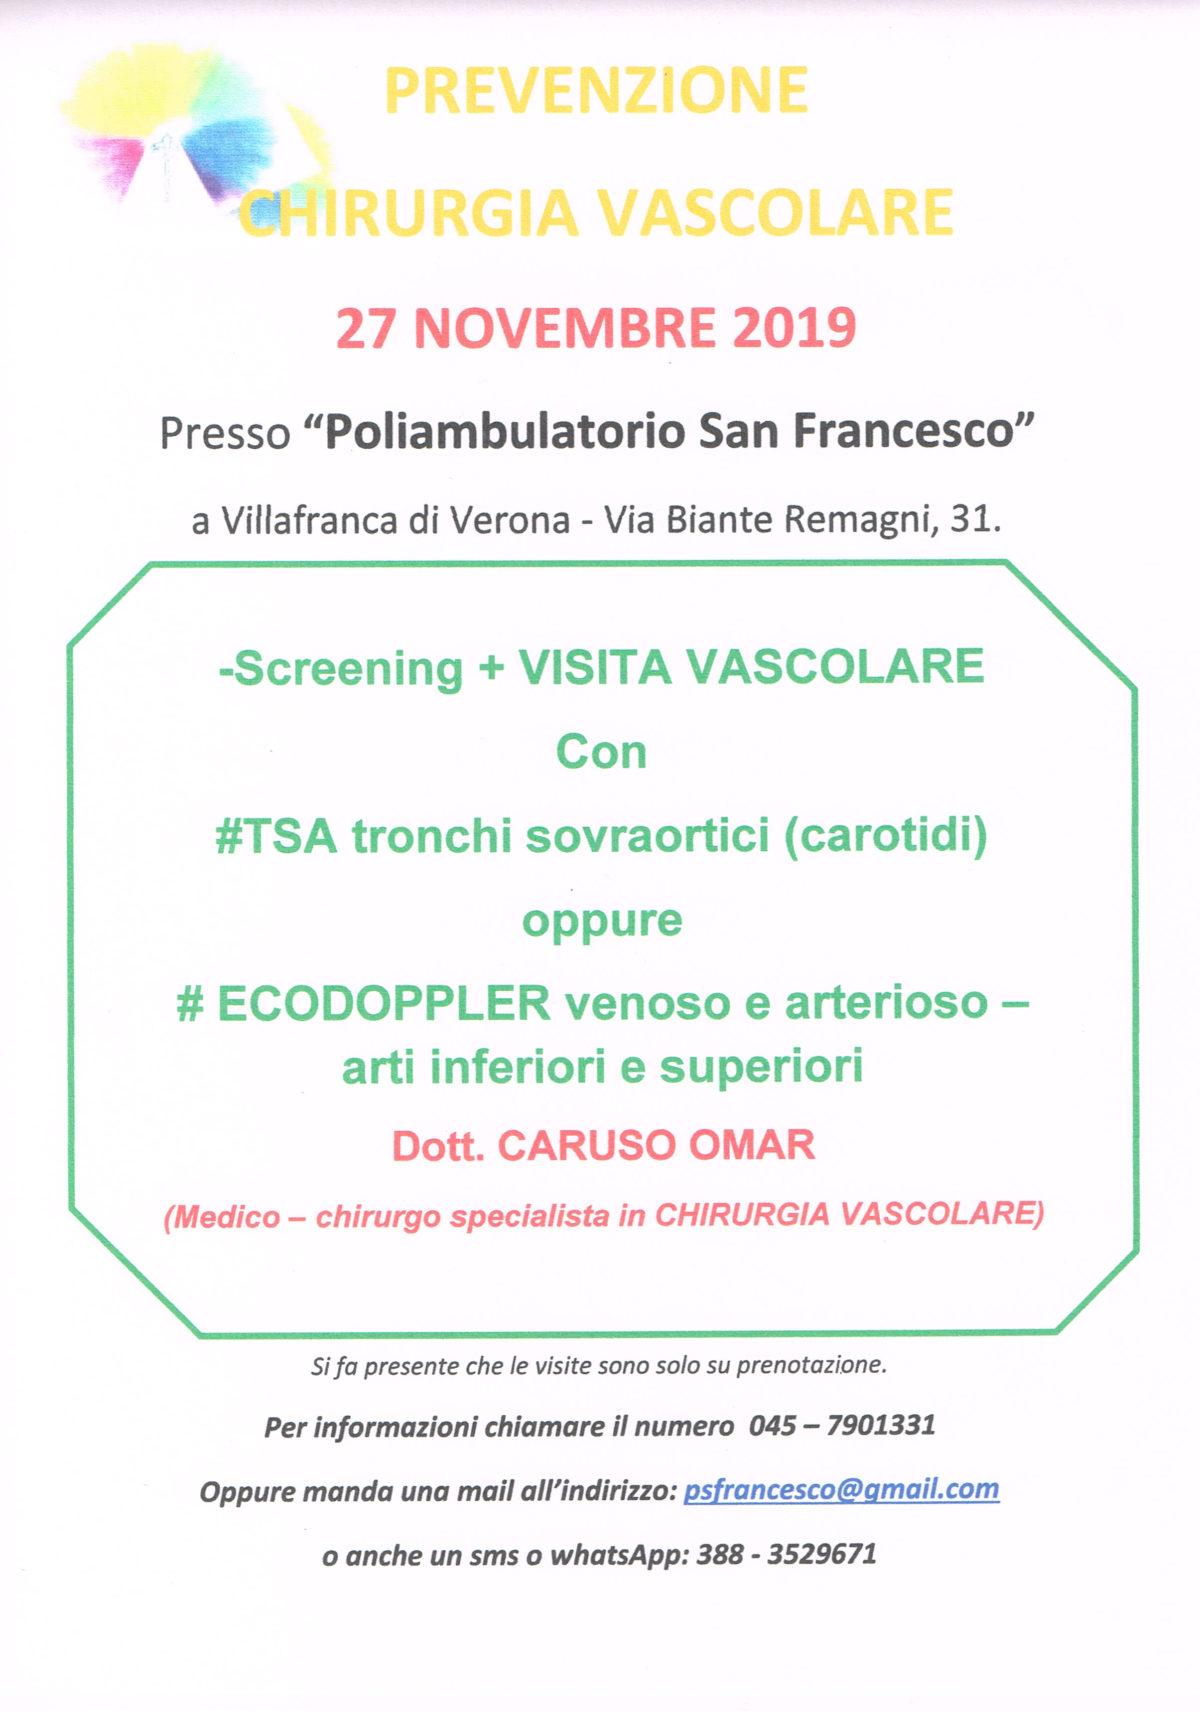 Prevenzione-Chirurgia-Vascolare-1200x1712.jpg